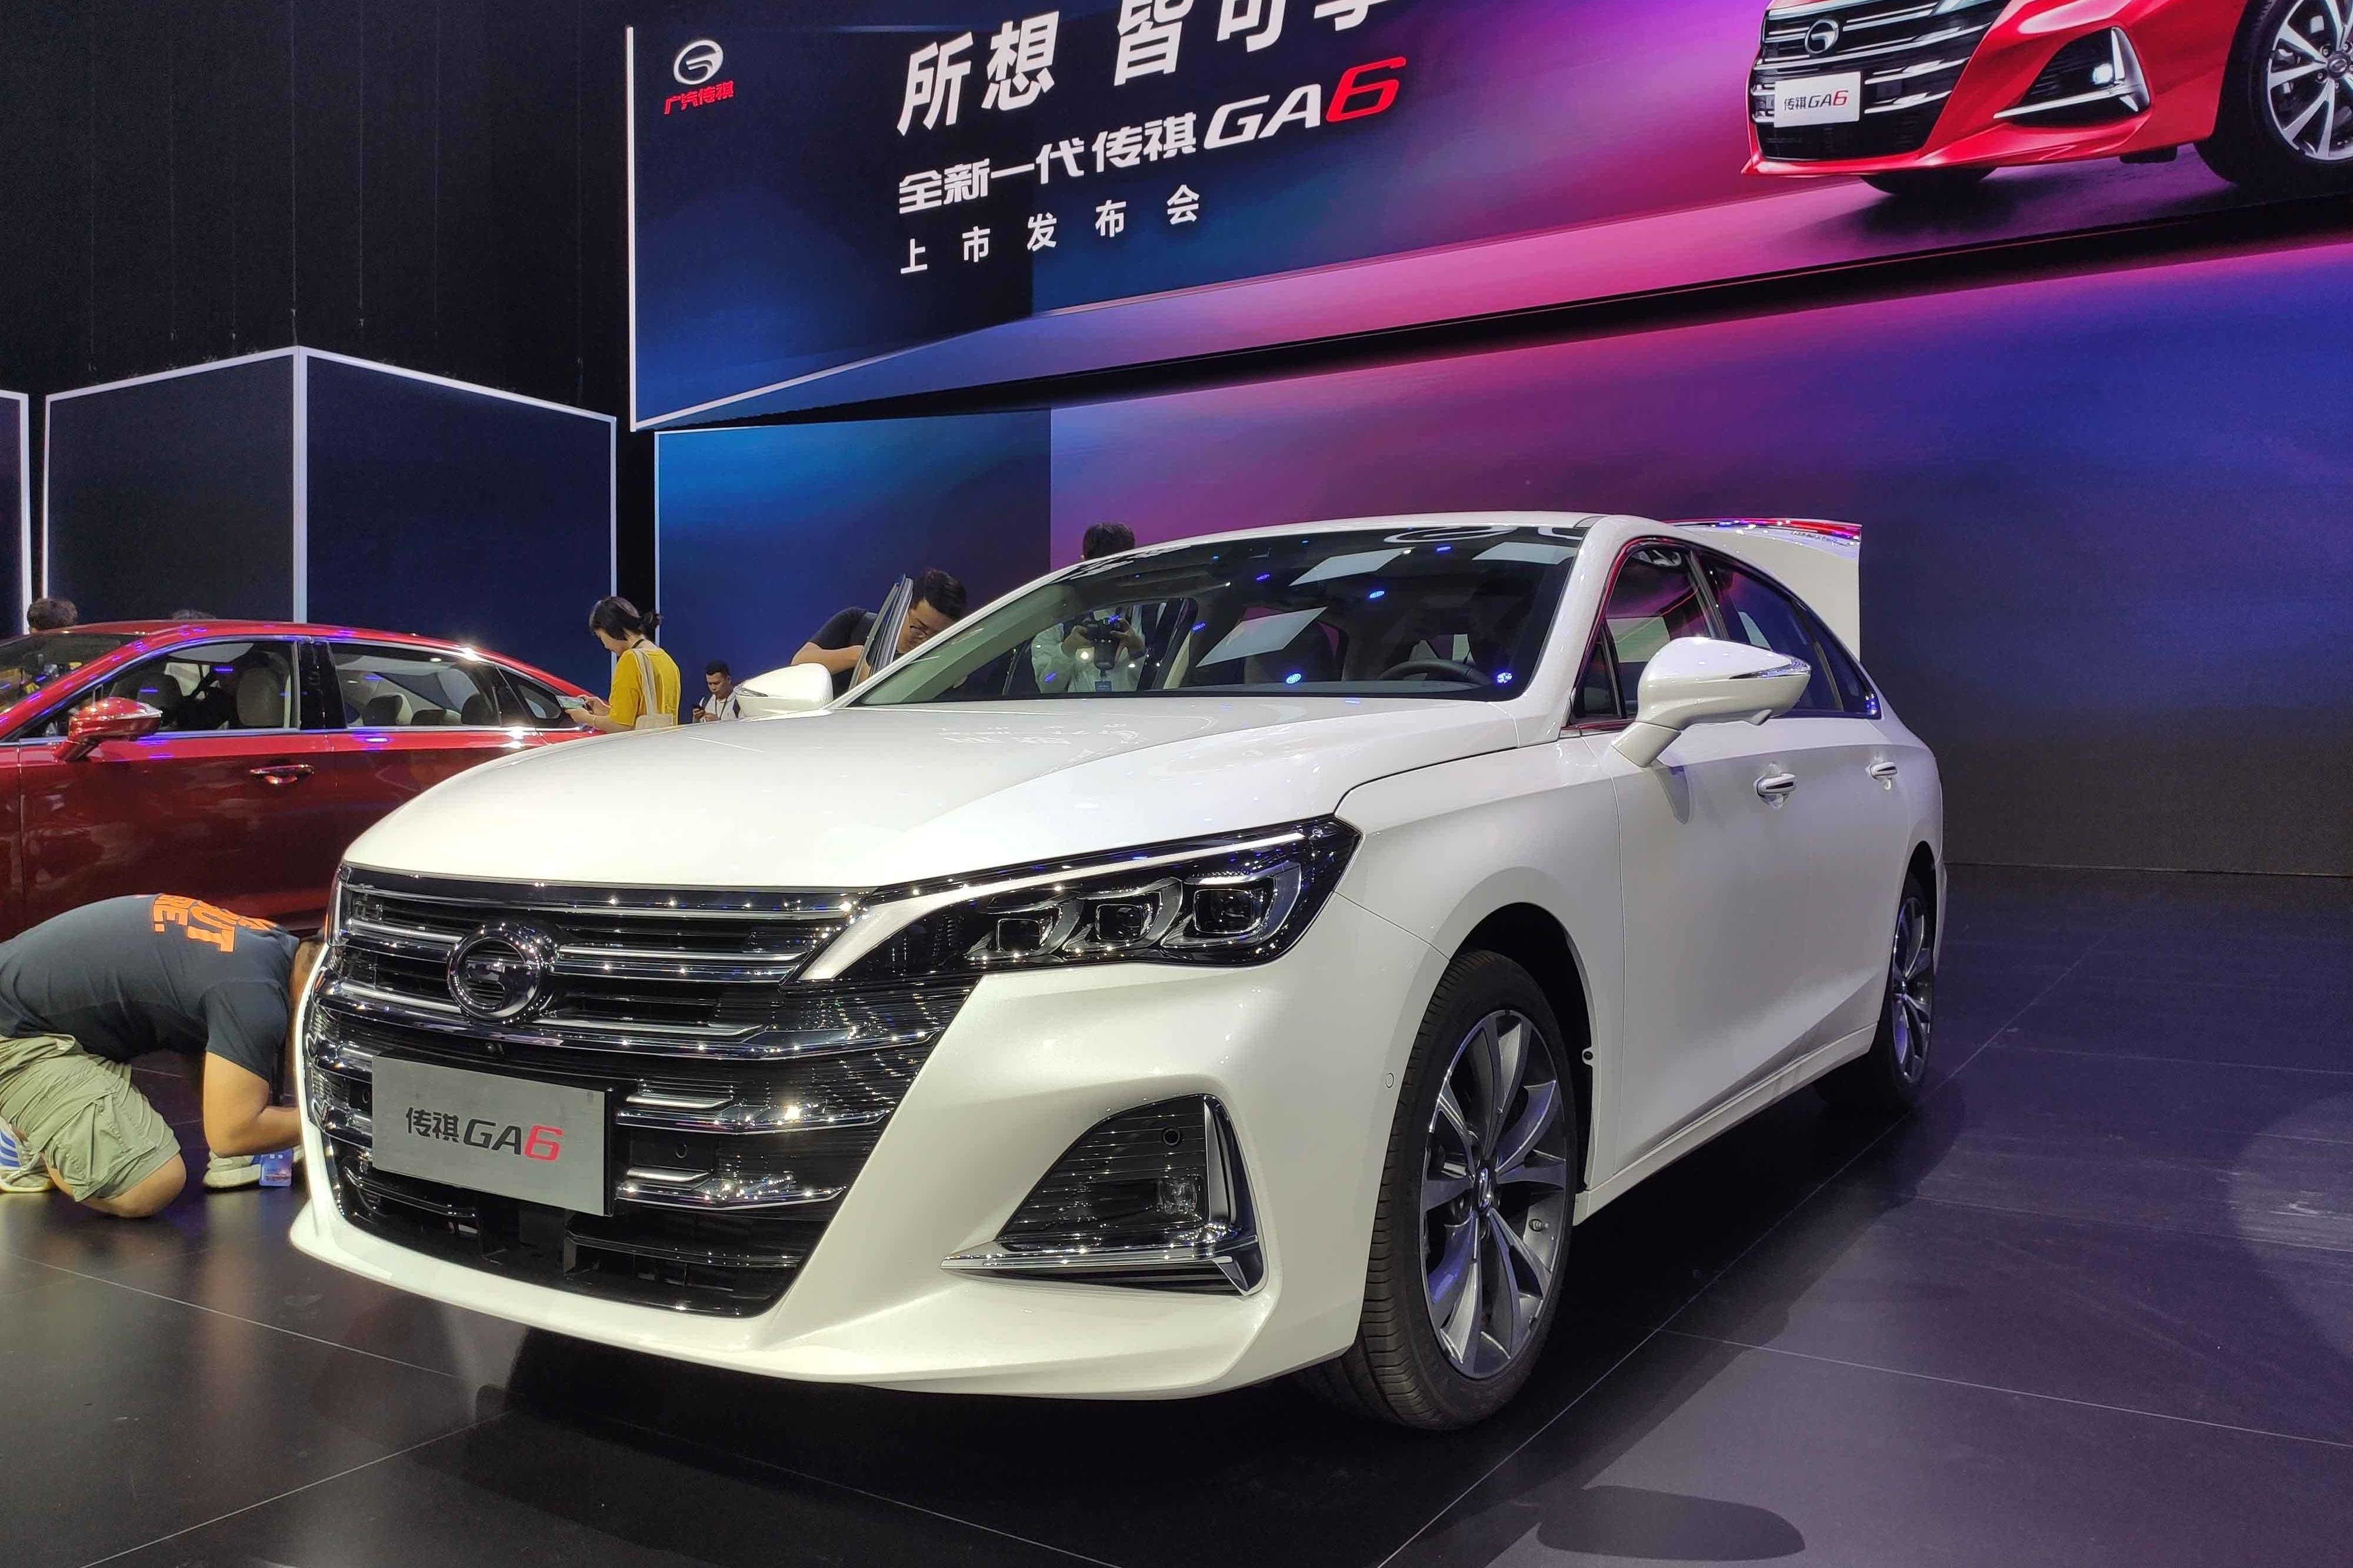 中级车市场一匹黑马——全新一代广汽传祺GA6正式上市